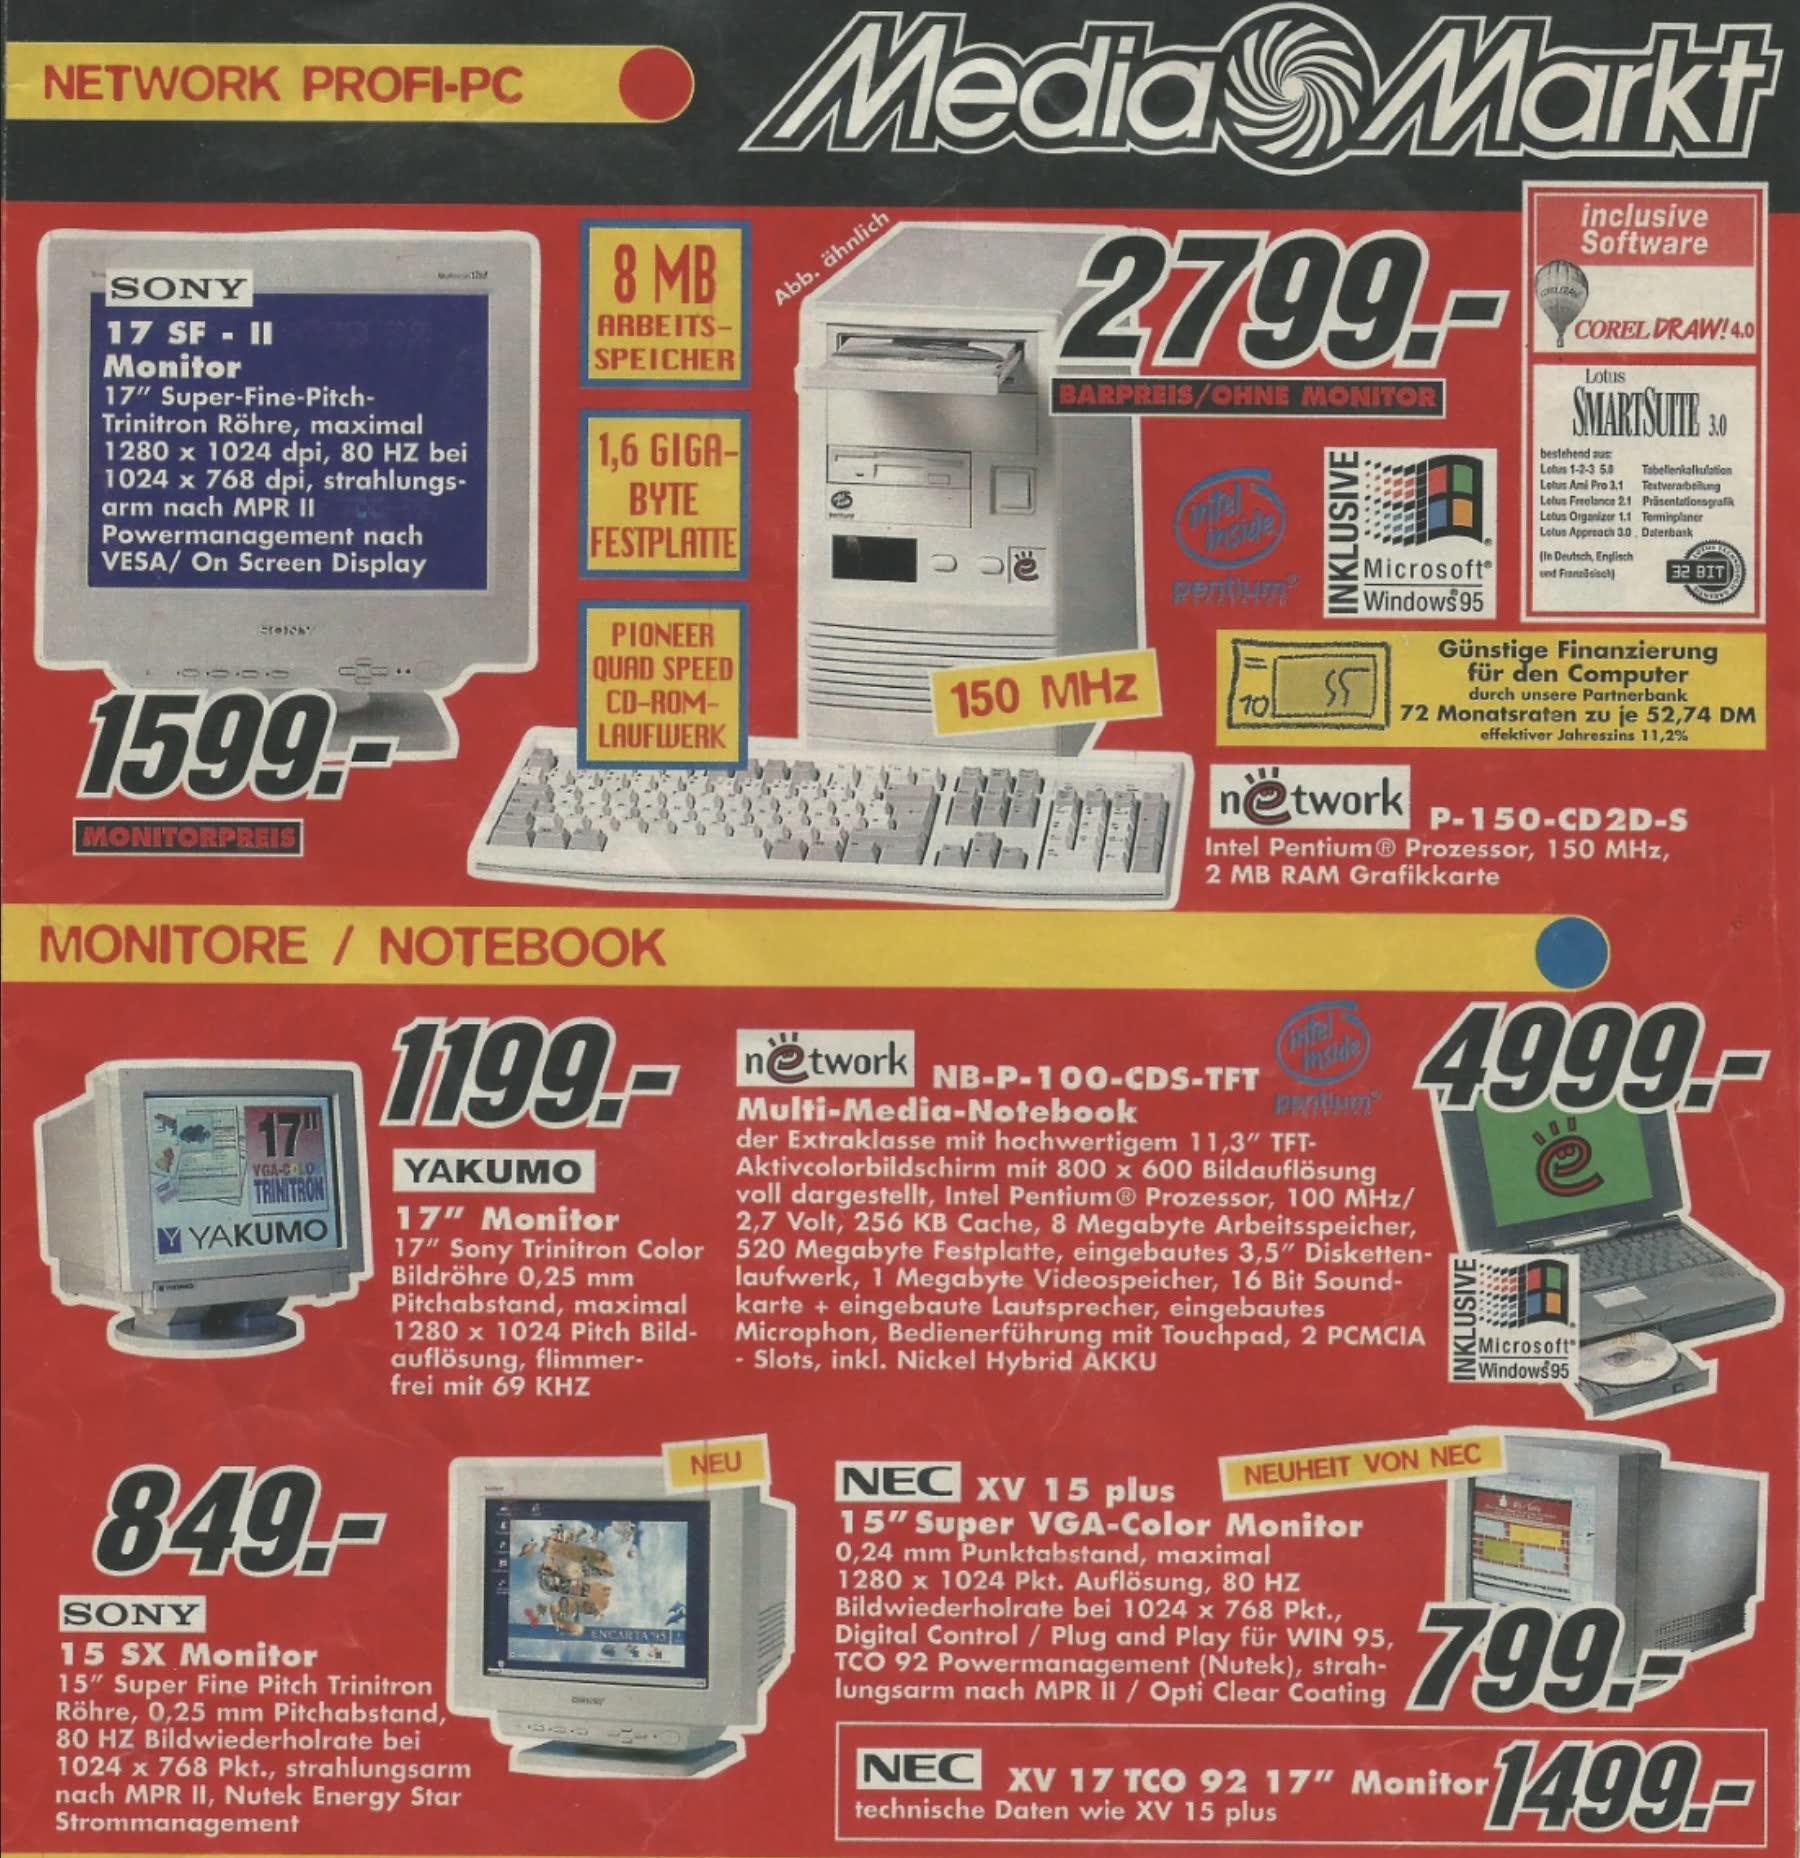 Media-Markt-Prospekt: Ich bin doch nicht blöd!